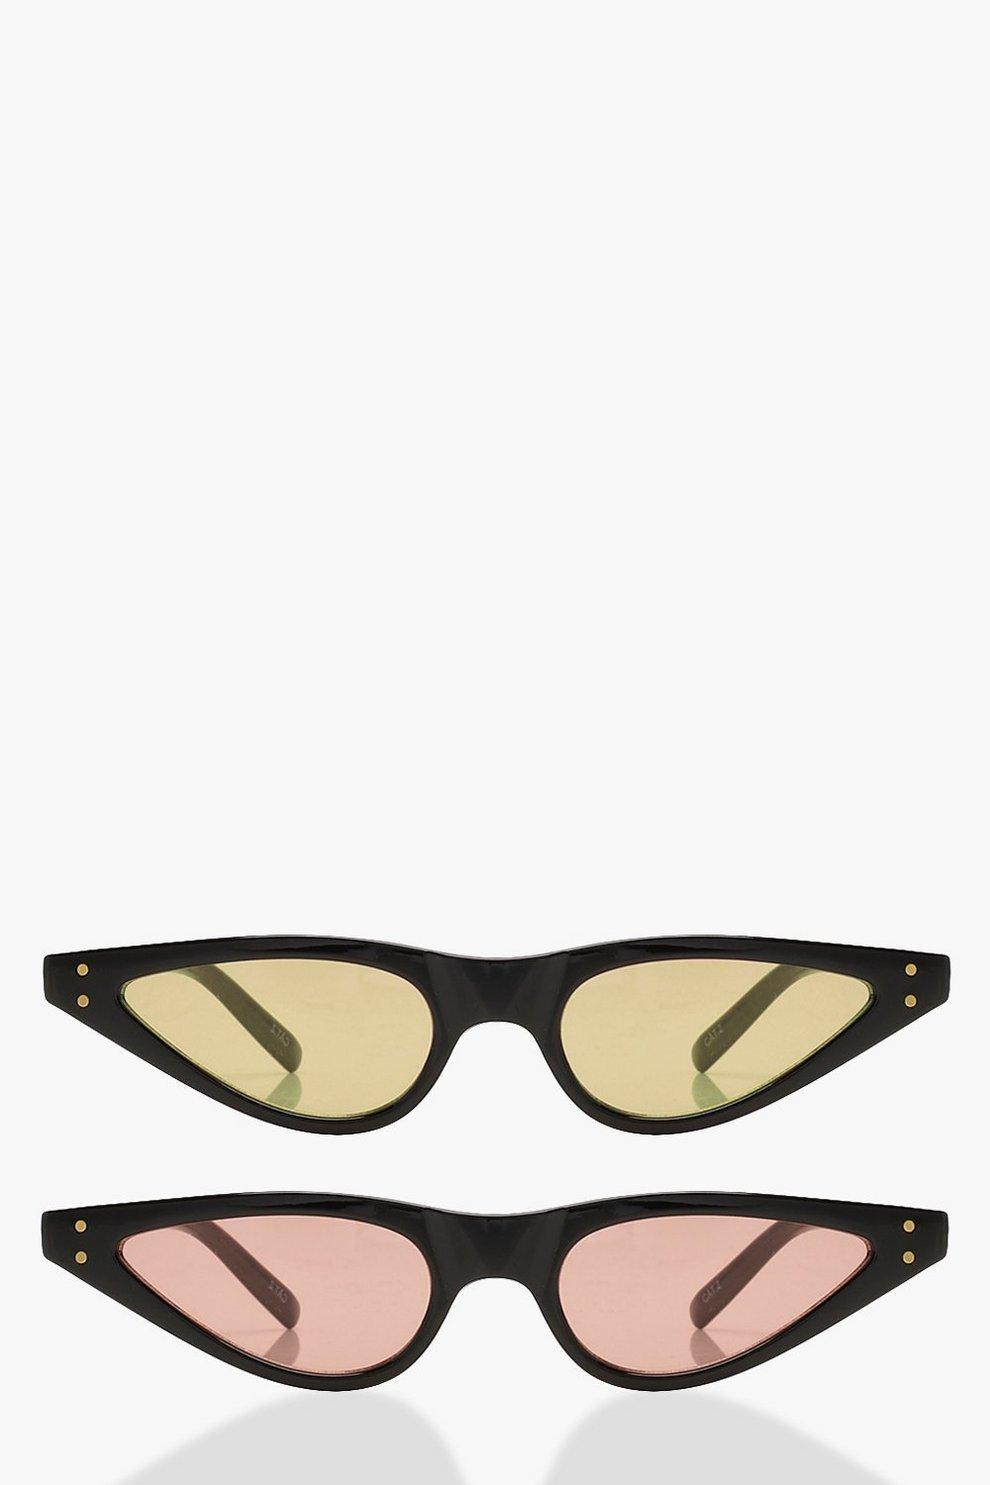 Tia 2er Pack Skinny Sonnenbrille mit Katzenaugenfassung wVcgL2roSx